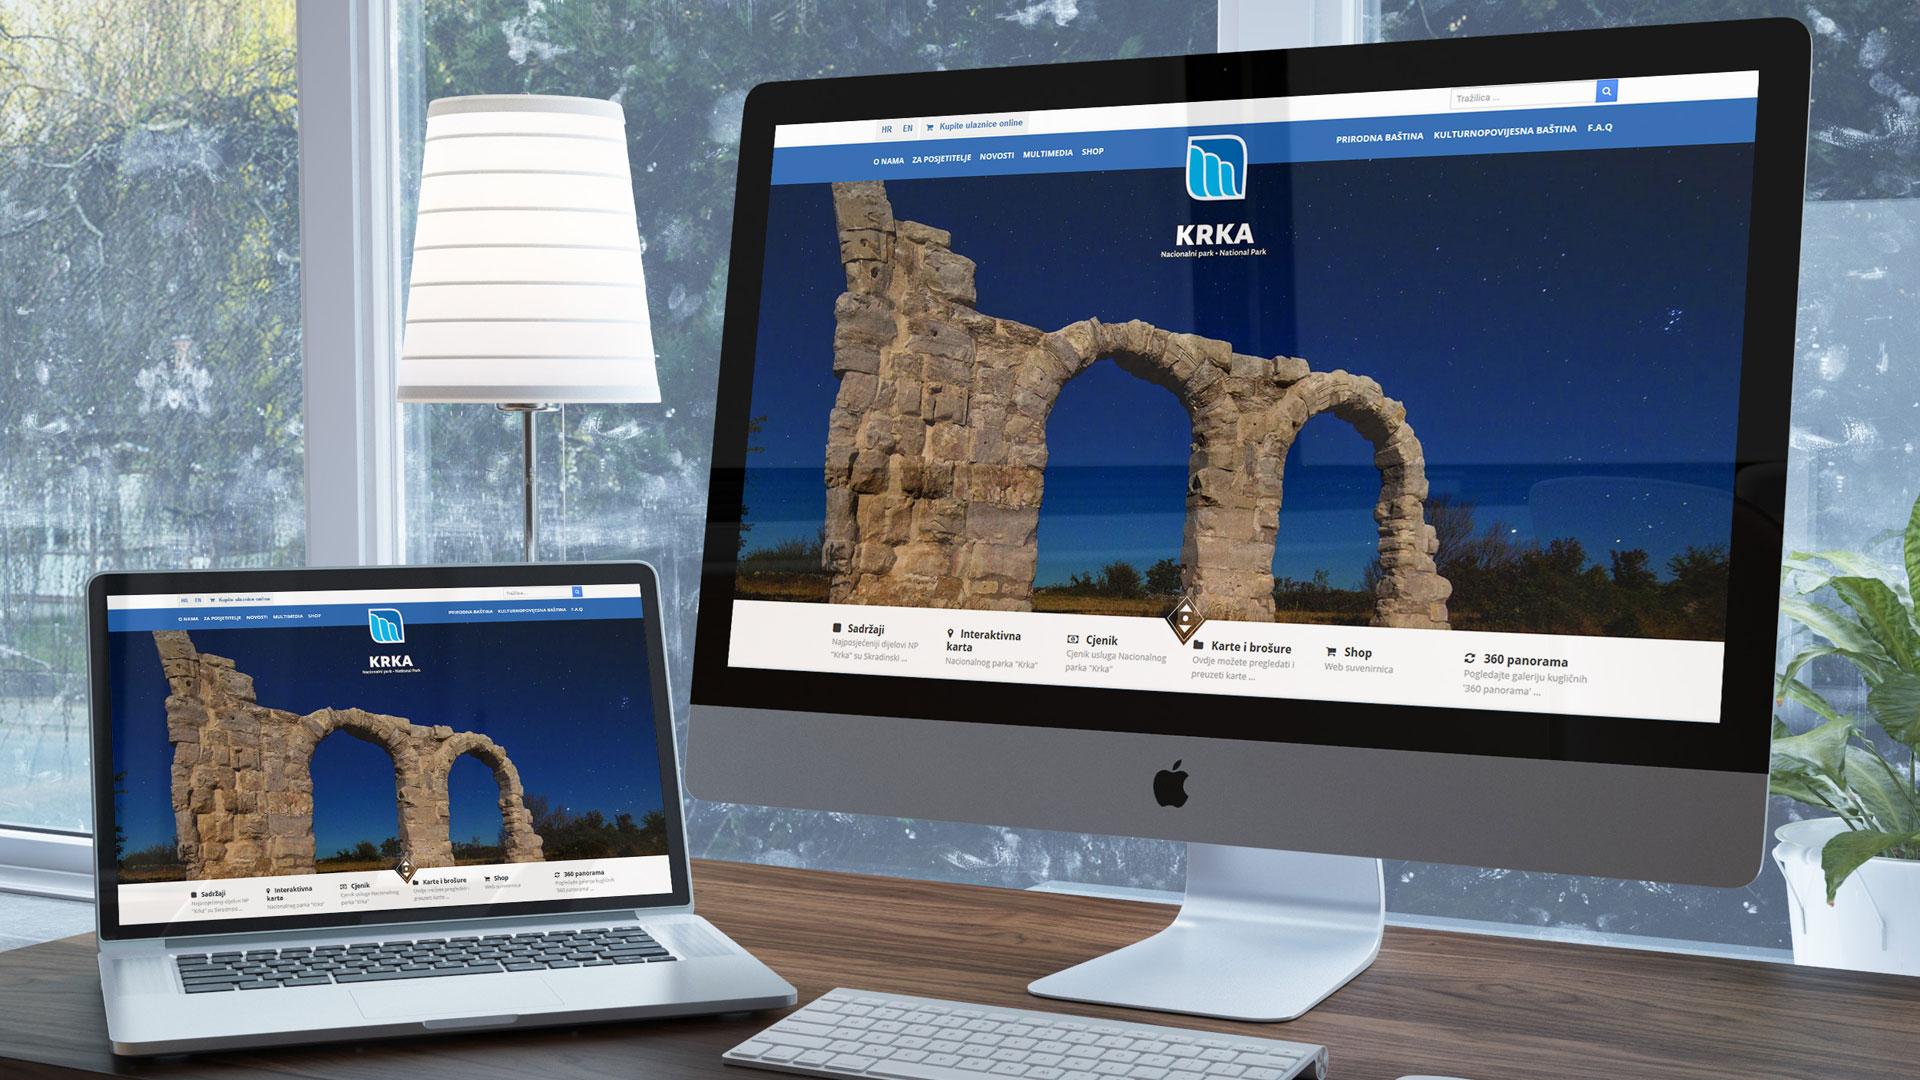 Službene web stranice nacionalnog parka